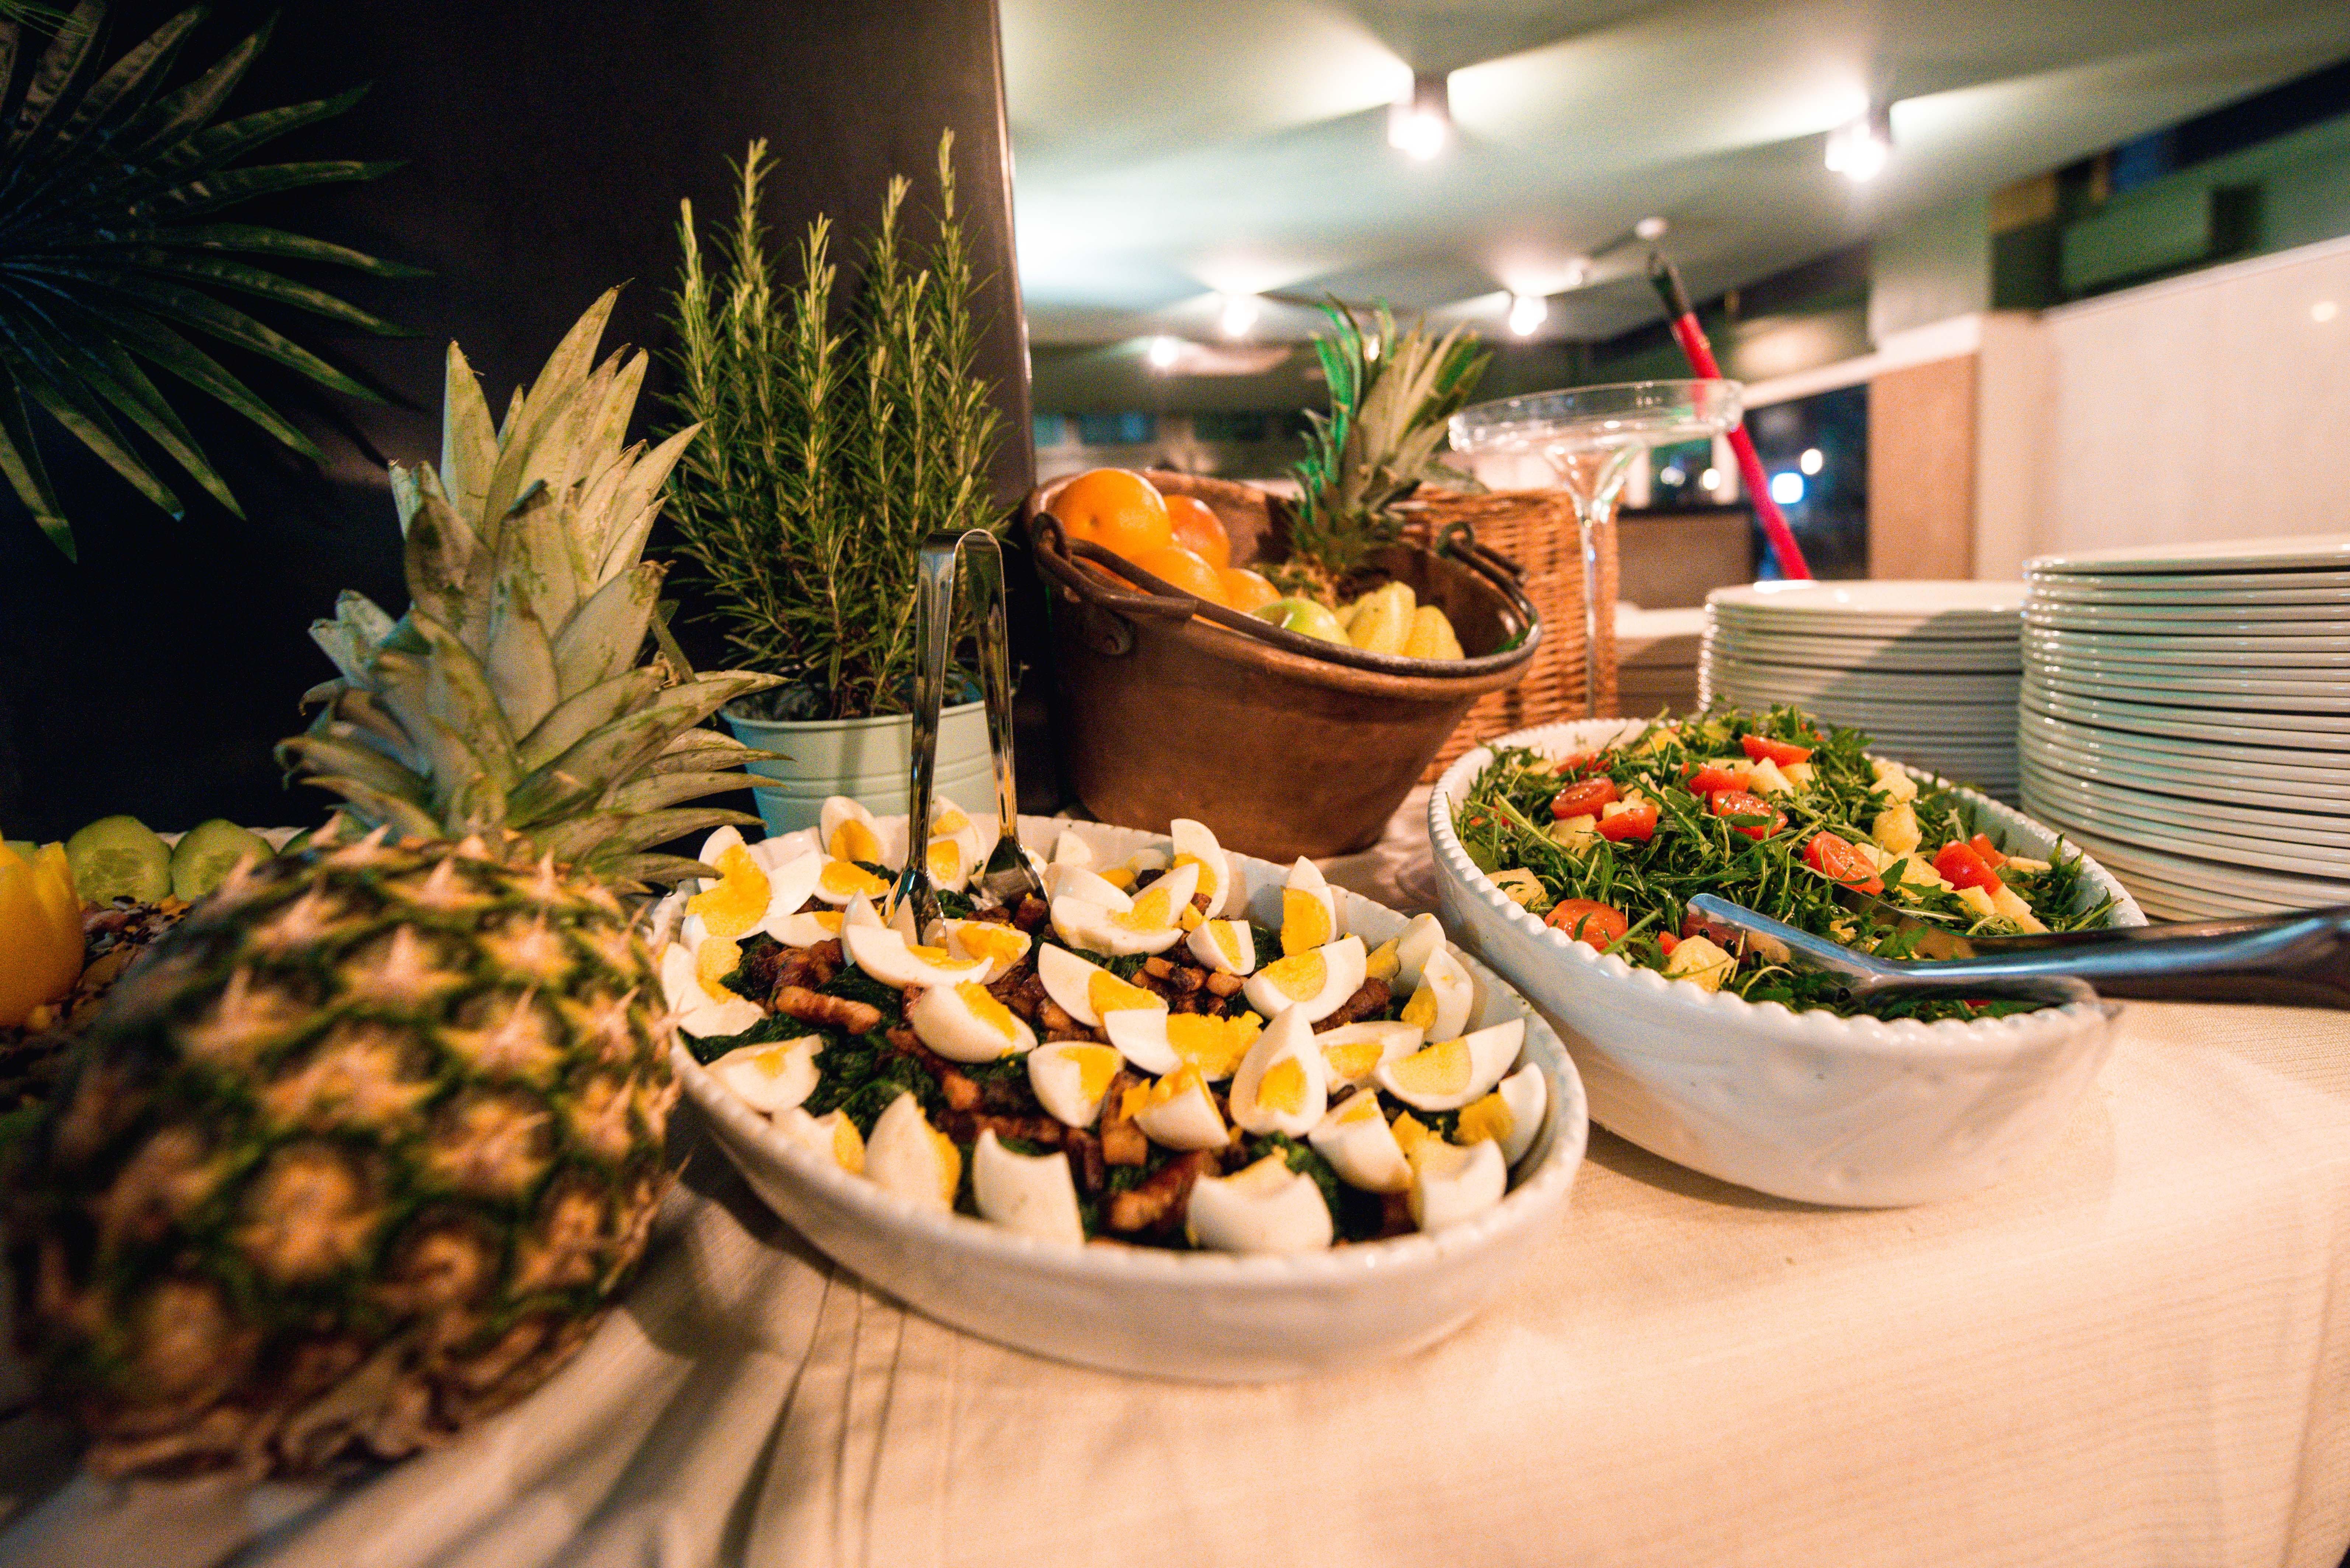 Things To Do in Brazilian, Restaurants in Brazilian